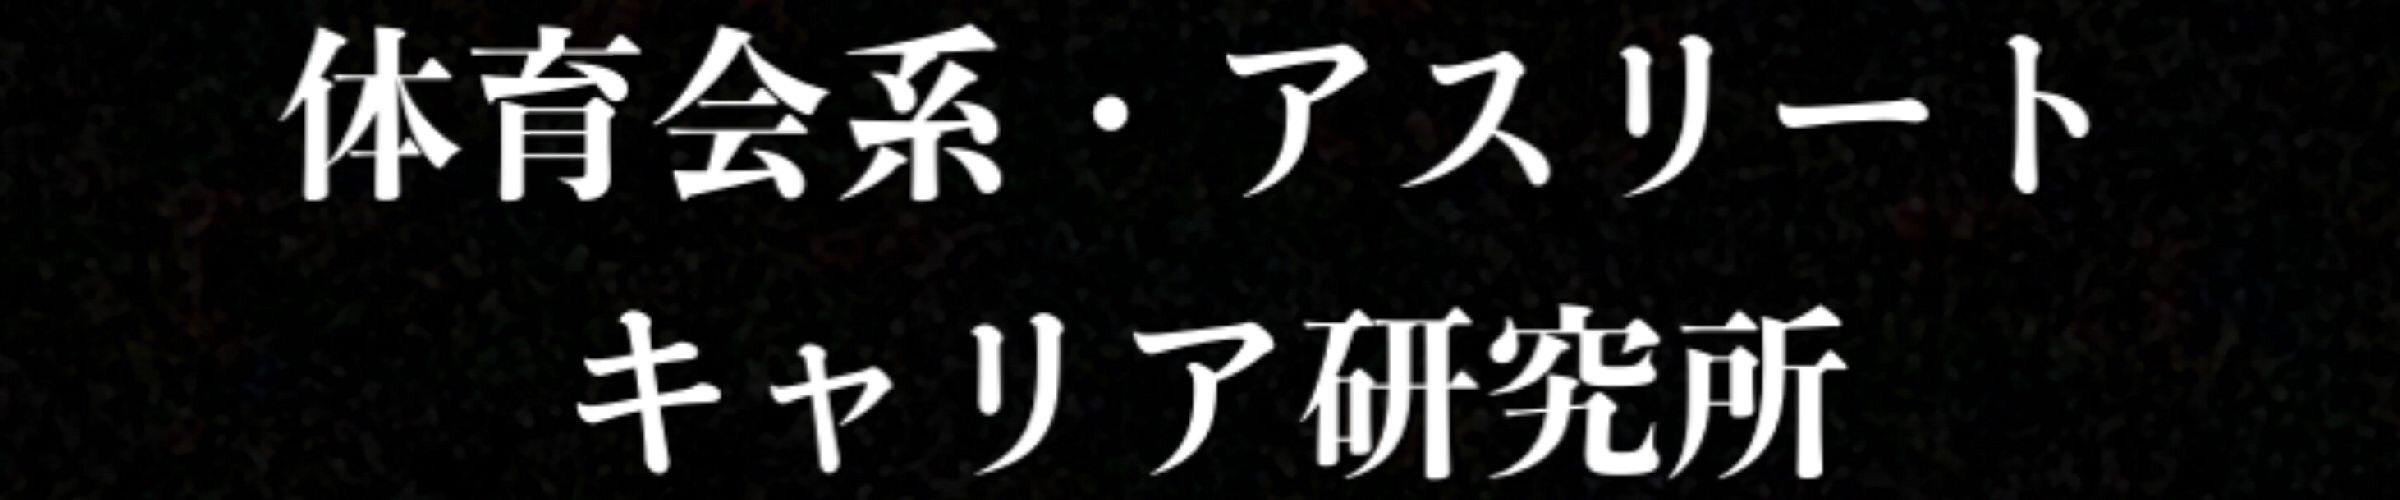 体育会系・アスリートキャリア研究所